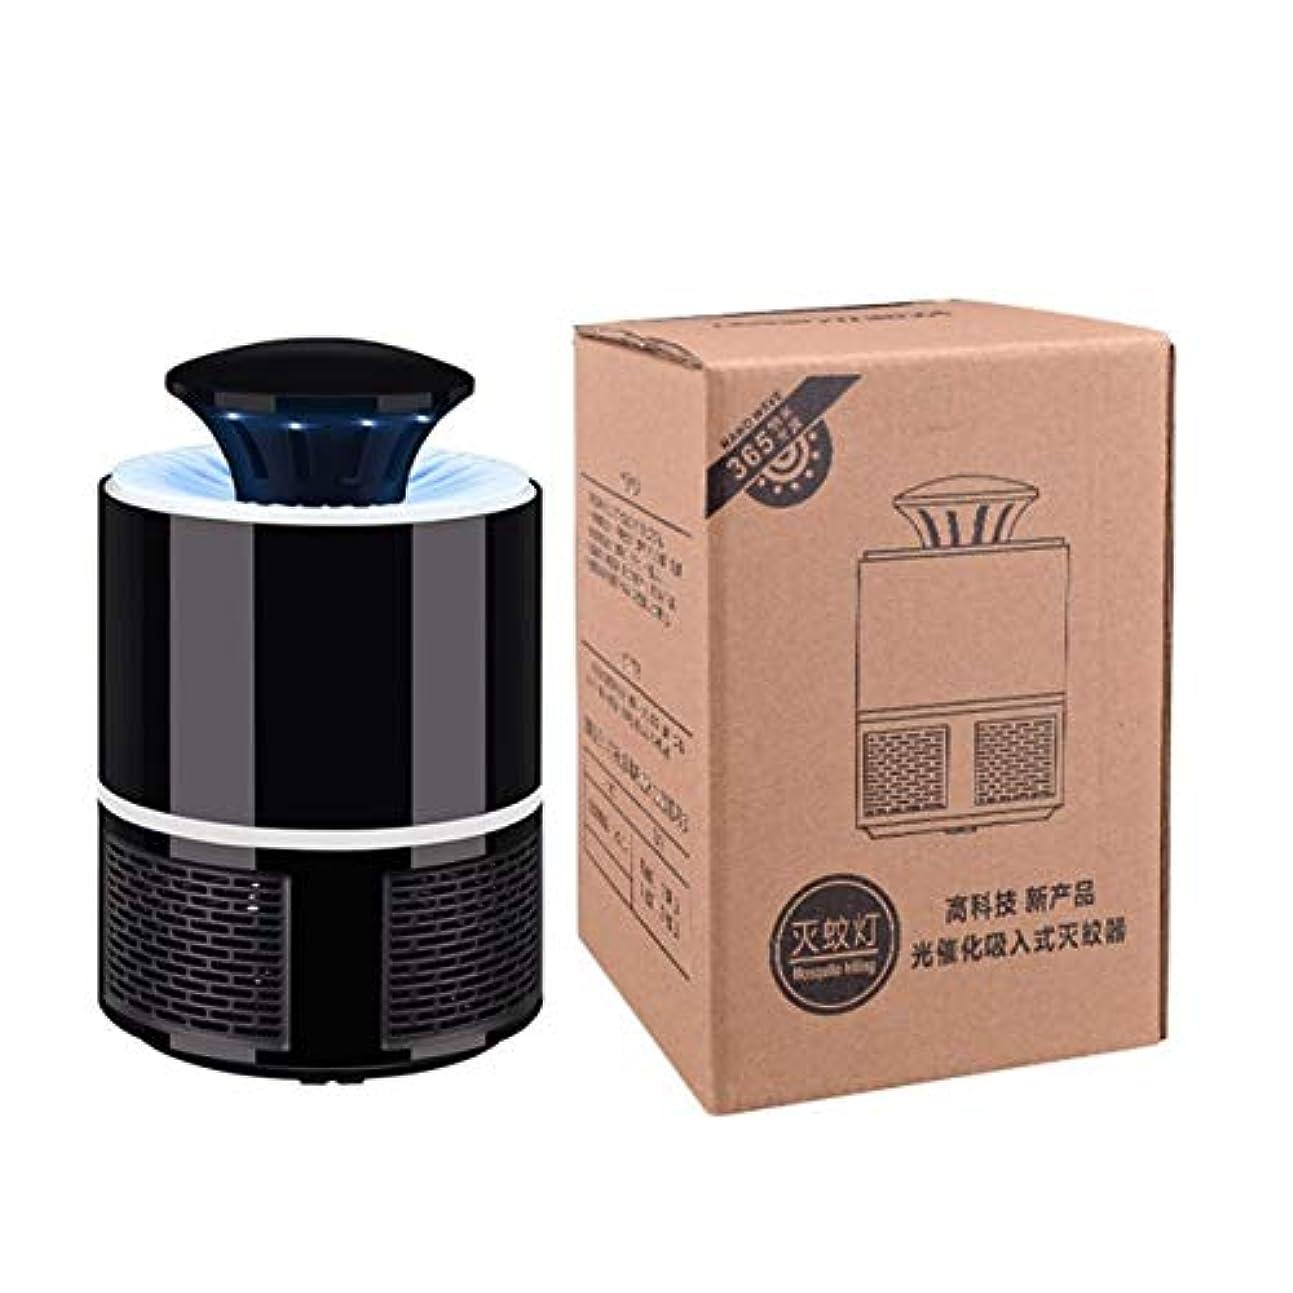 ブロッサムアストロラーベ住むSaikogoods 吸引ファンを備えた電子モスキートキラー 光触媒の光 バグ昆虫キャッチャー USB電源 非放射線モスキートトラップ 黒